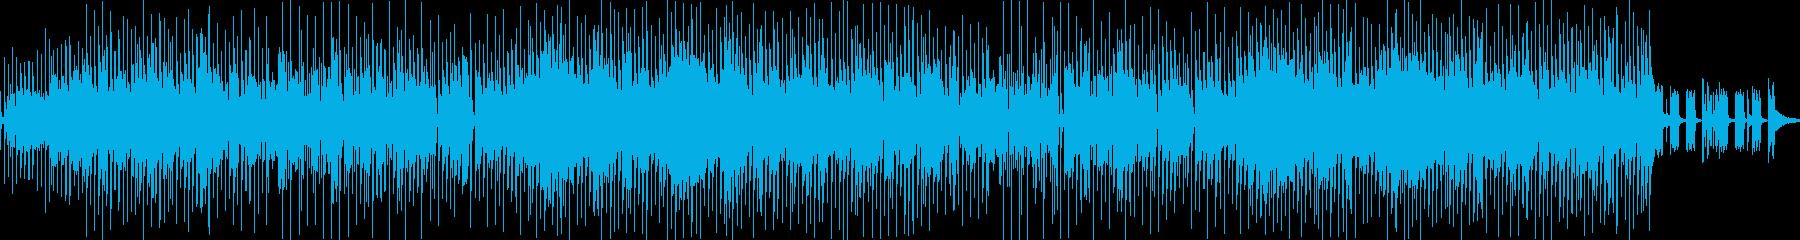 涼しそうの再生済みの波形